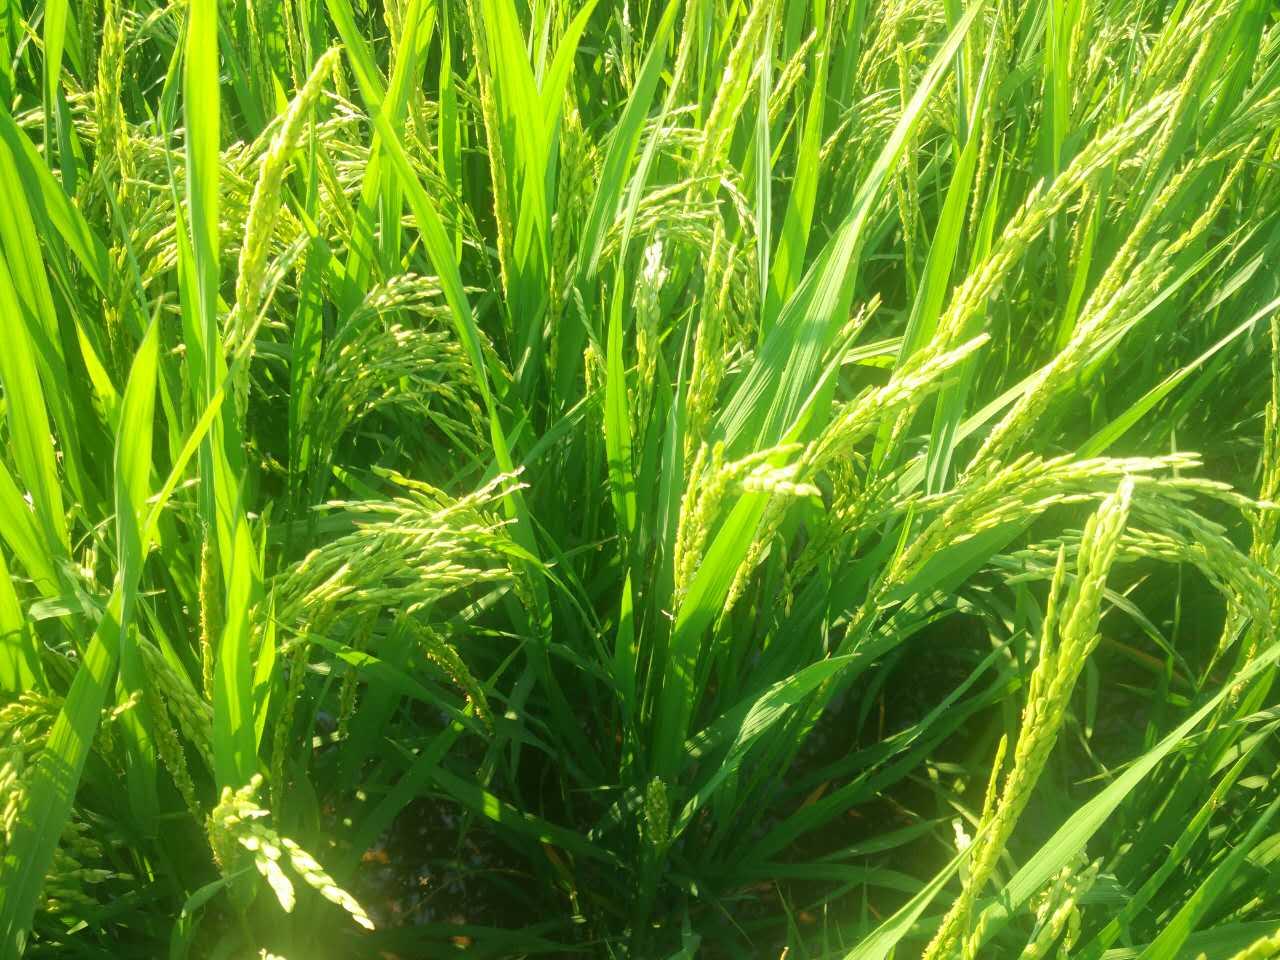 绿小麦简笔画图片大全